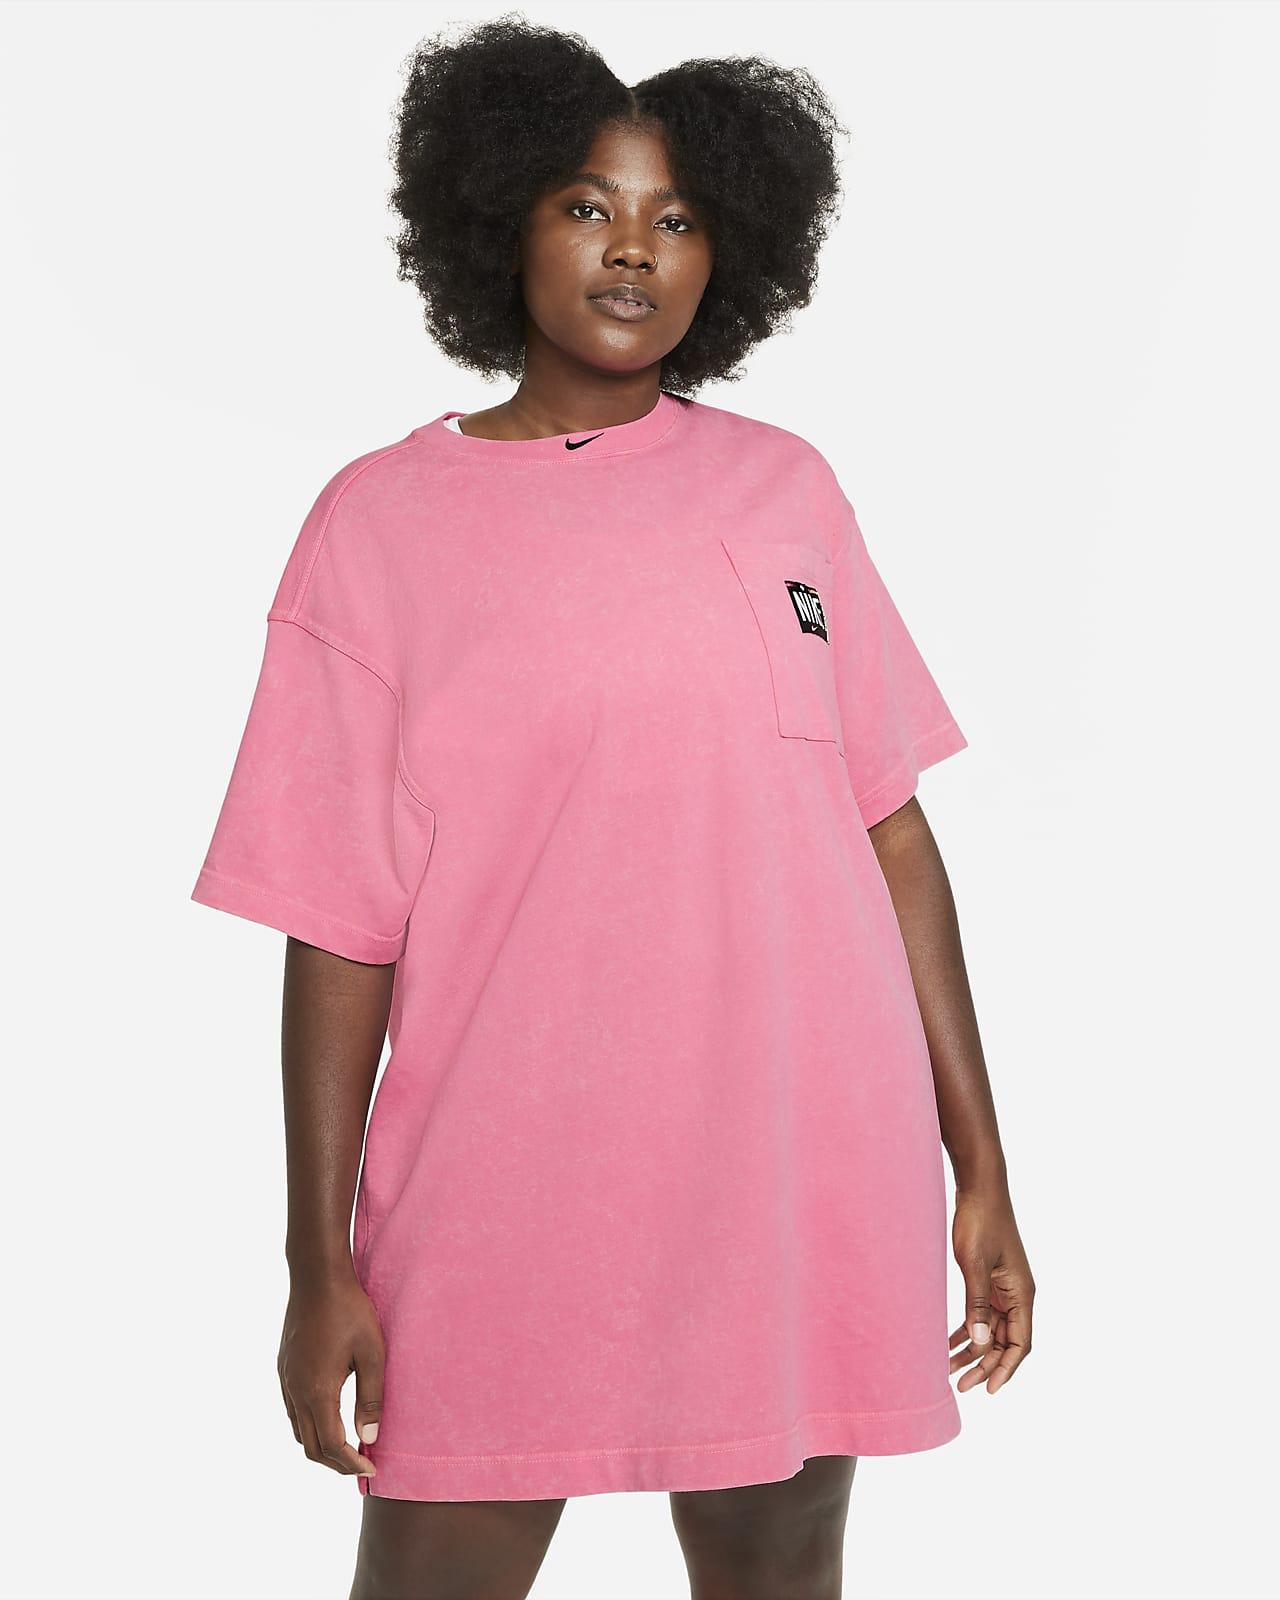 Nike Sportswear Damenkleid (große Größe)